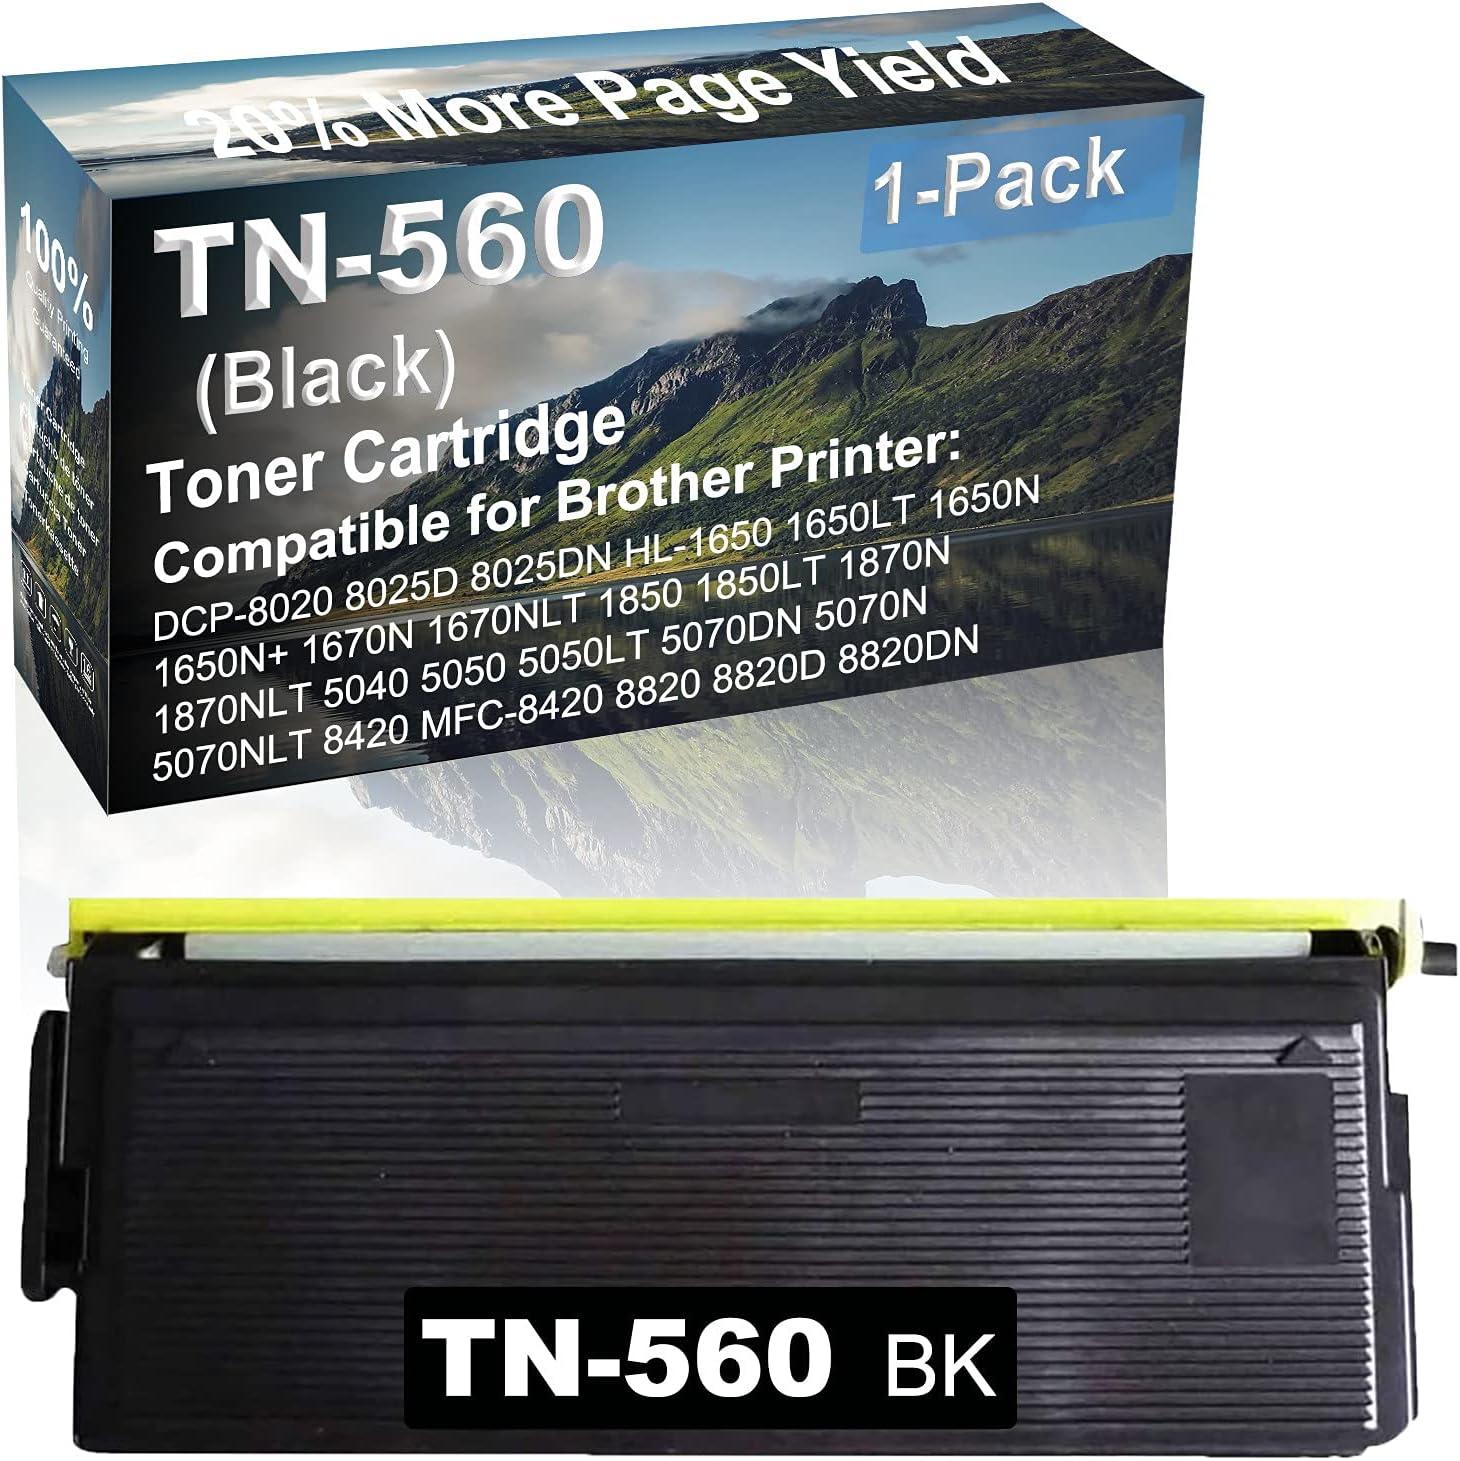 1-Pack Compatible High Capacity HL-1870N, HL-1870NLT, HL-5040, HL-5050, HL-5050LY, HL-5070DN, HL-5070N, HL-5070NLT Printer Toner Cartridge Replacement for Brother TN560 Toner Cartridge (Black)